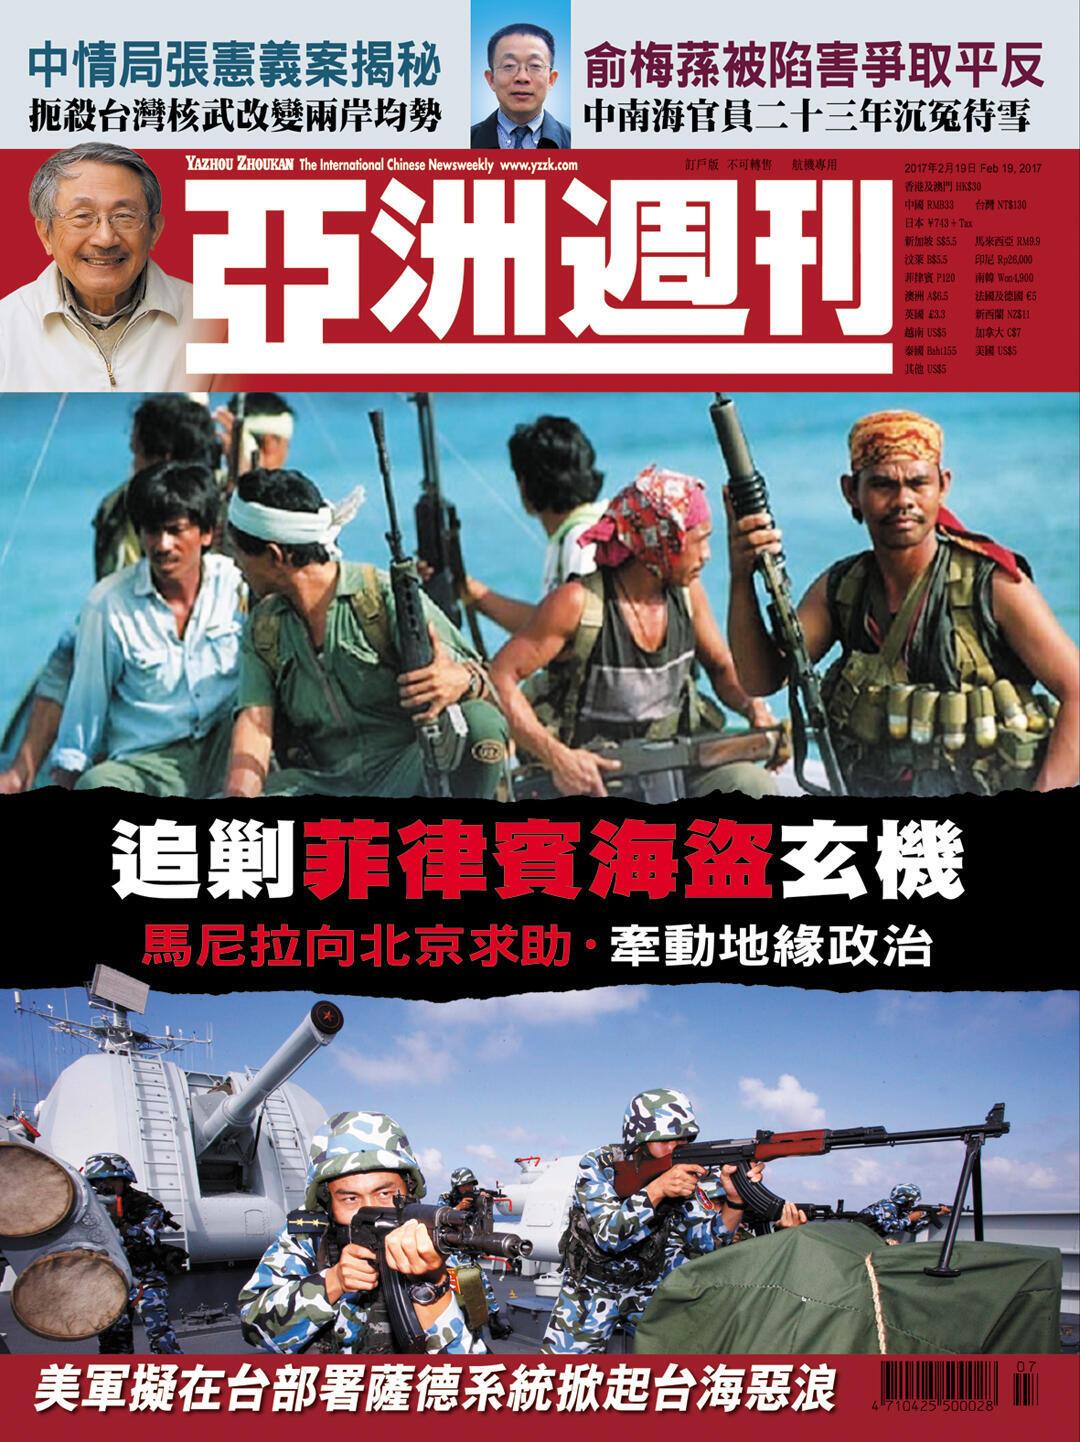 本周《亚洲周刊》封面图片